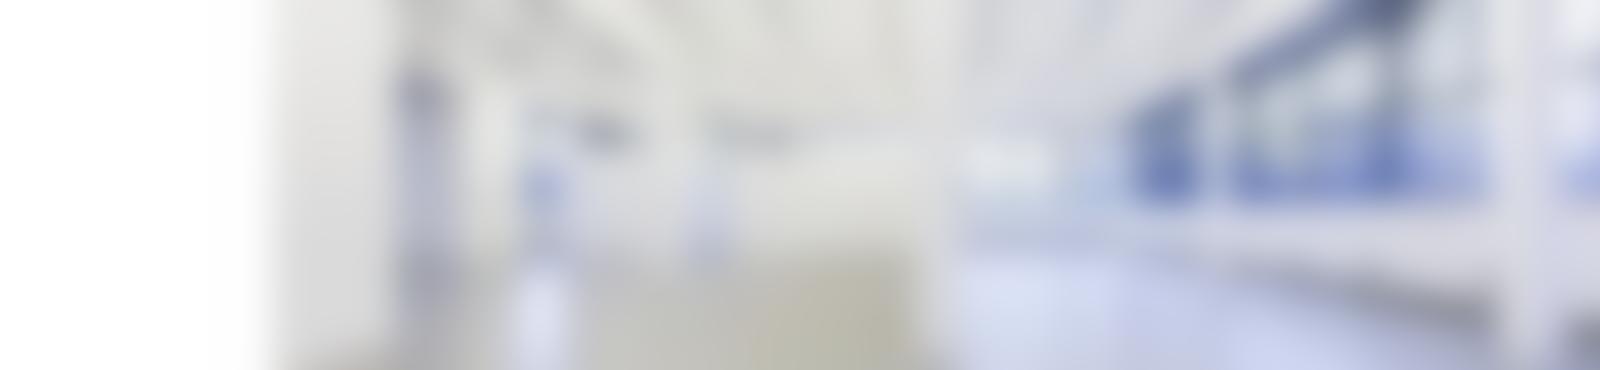 Blurred f24c167d 09fd 44d1 93e3 95993b7700e8